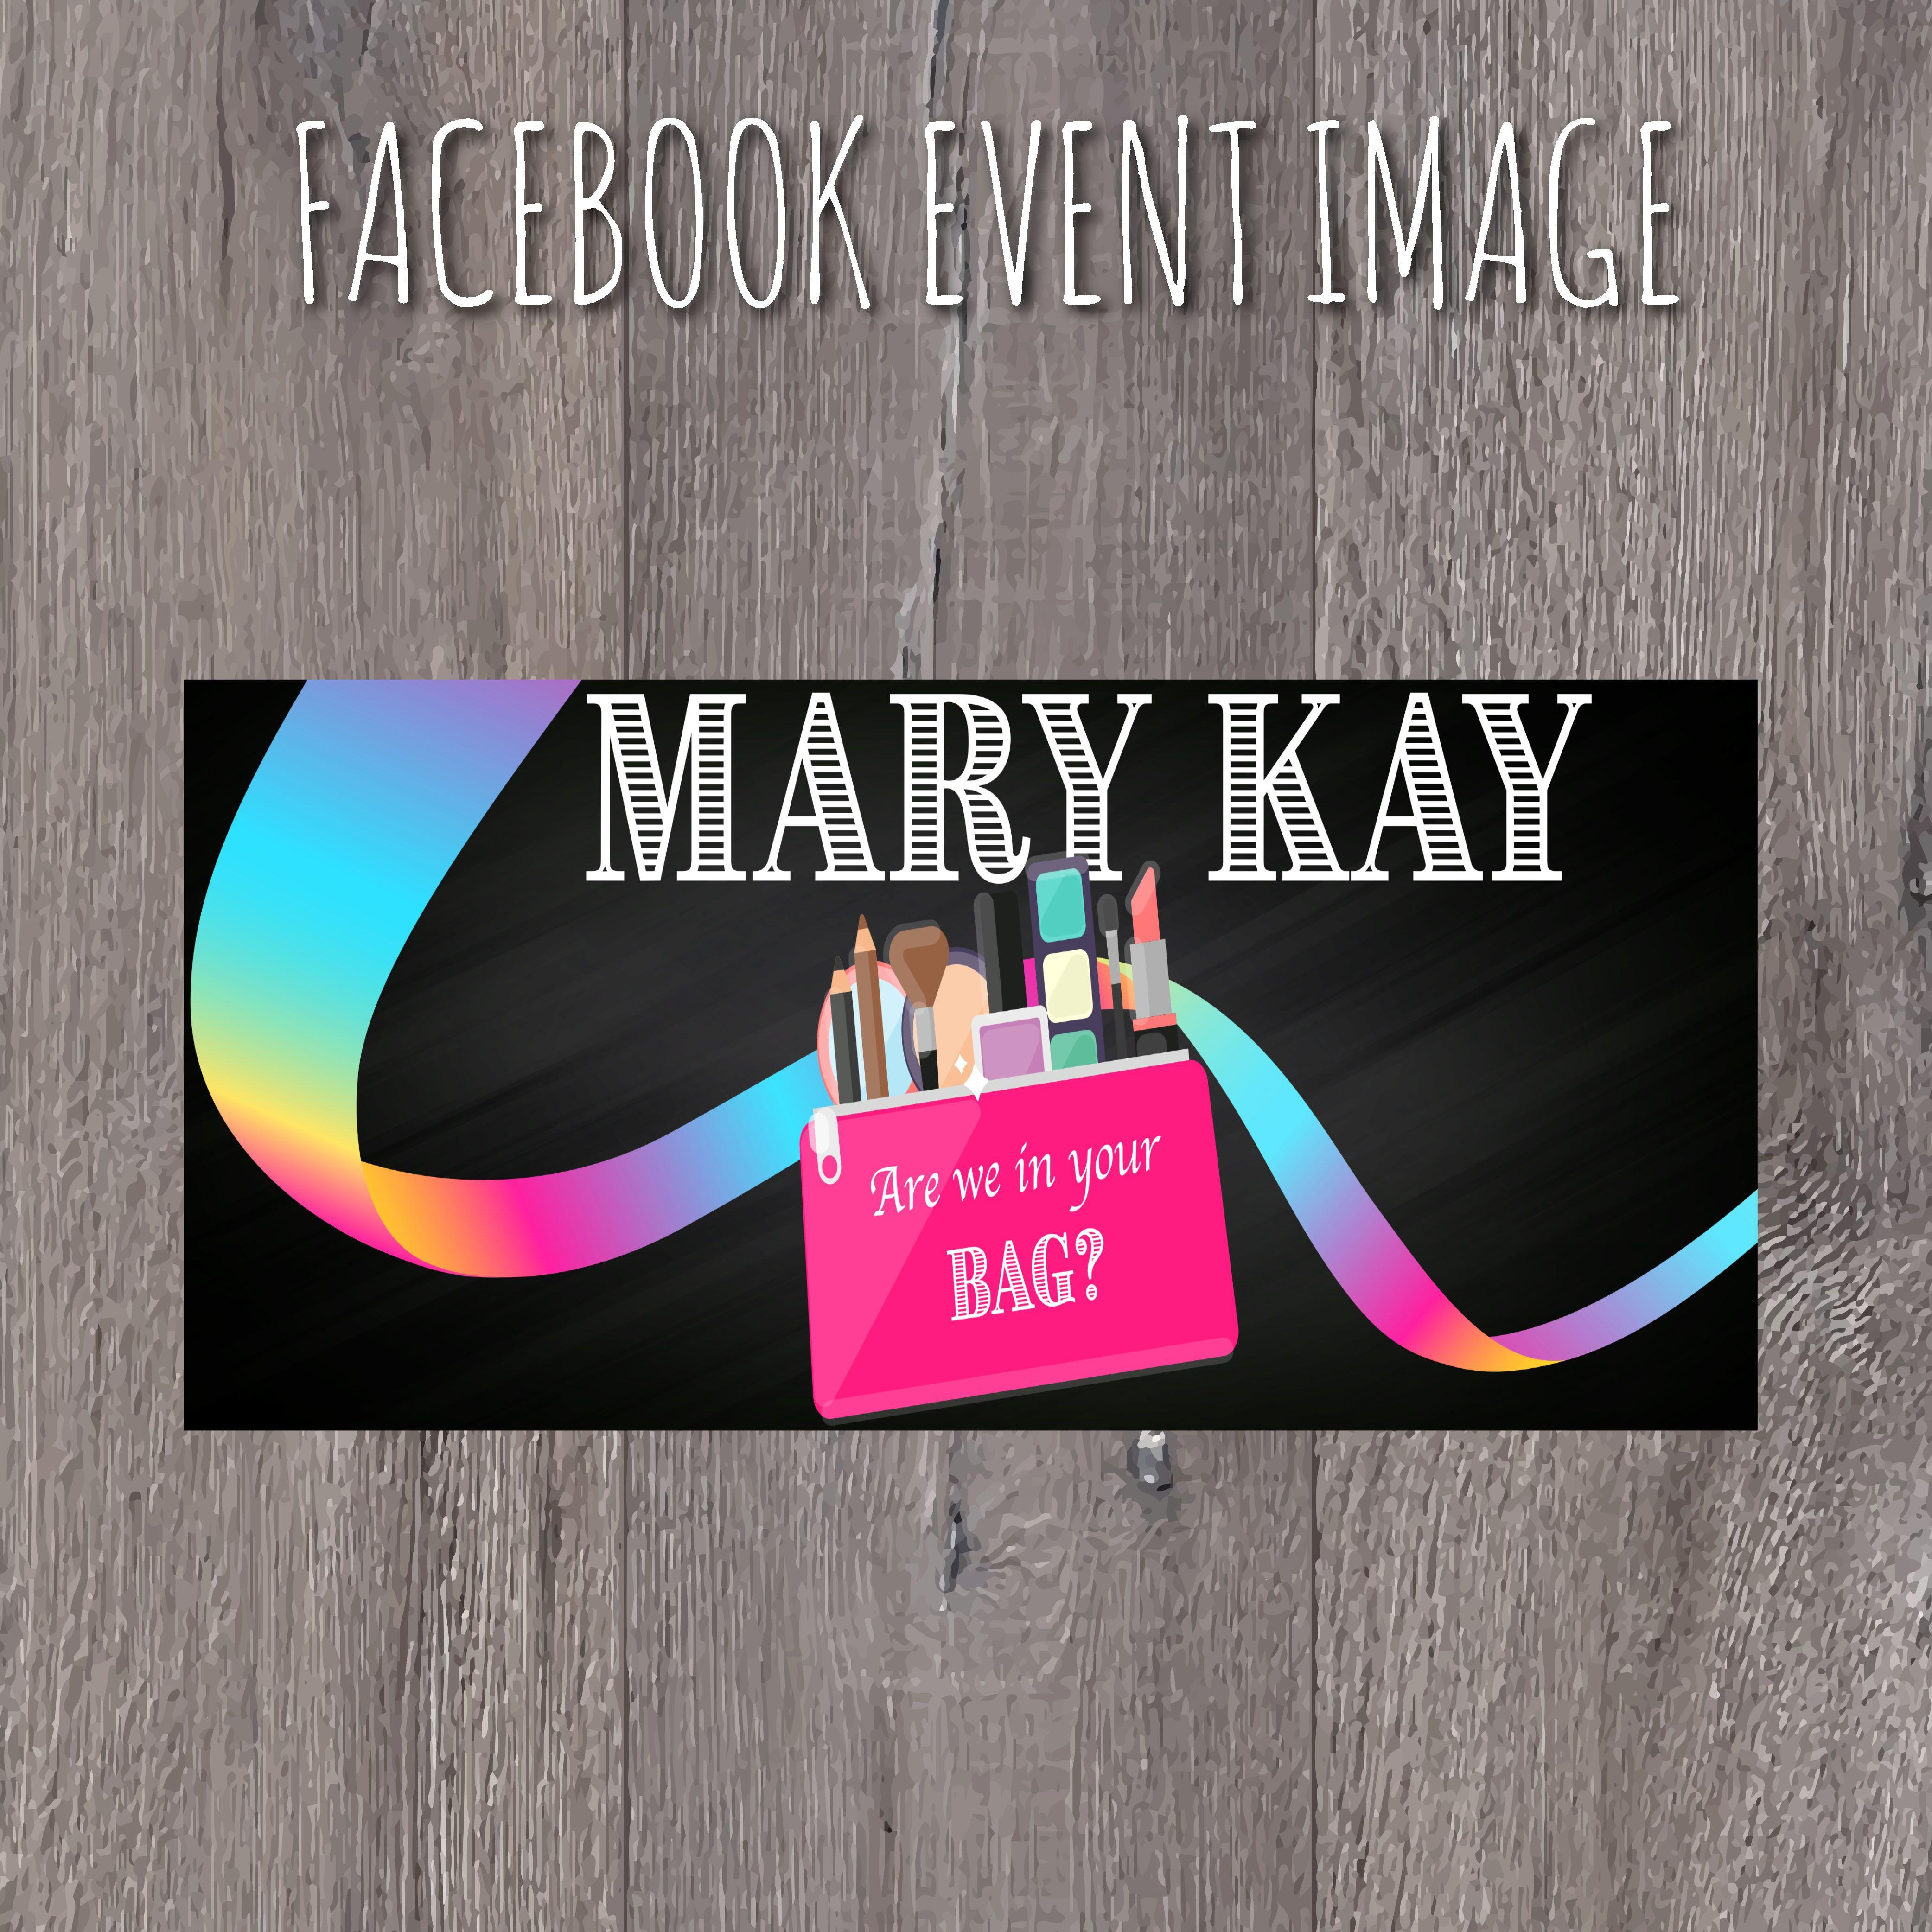 Mary Kay Facebook event image Mary Kay, Mary Kay cosmetics ...